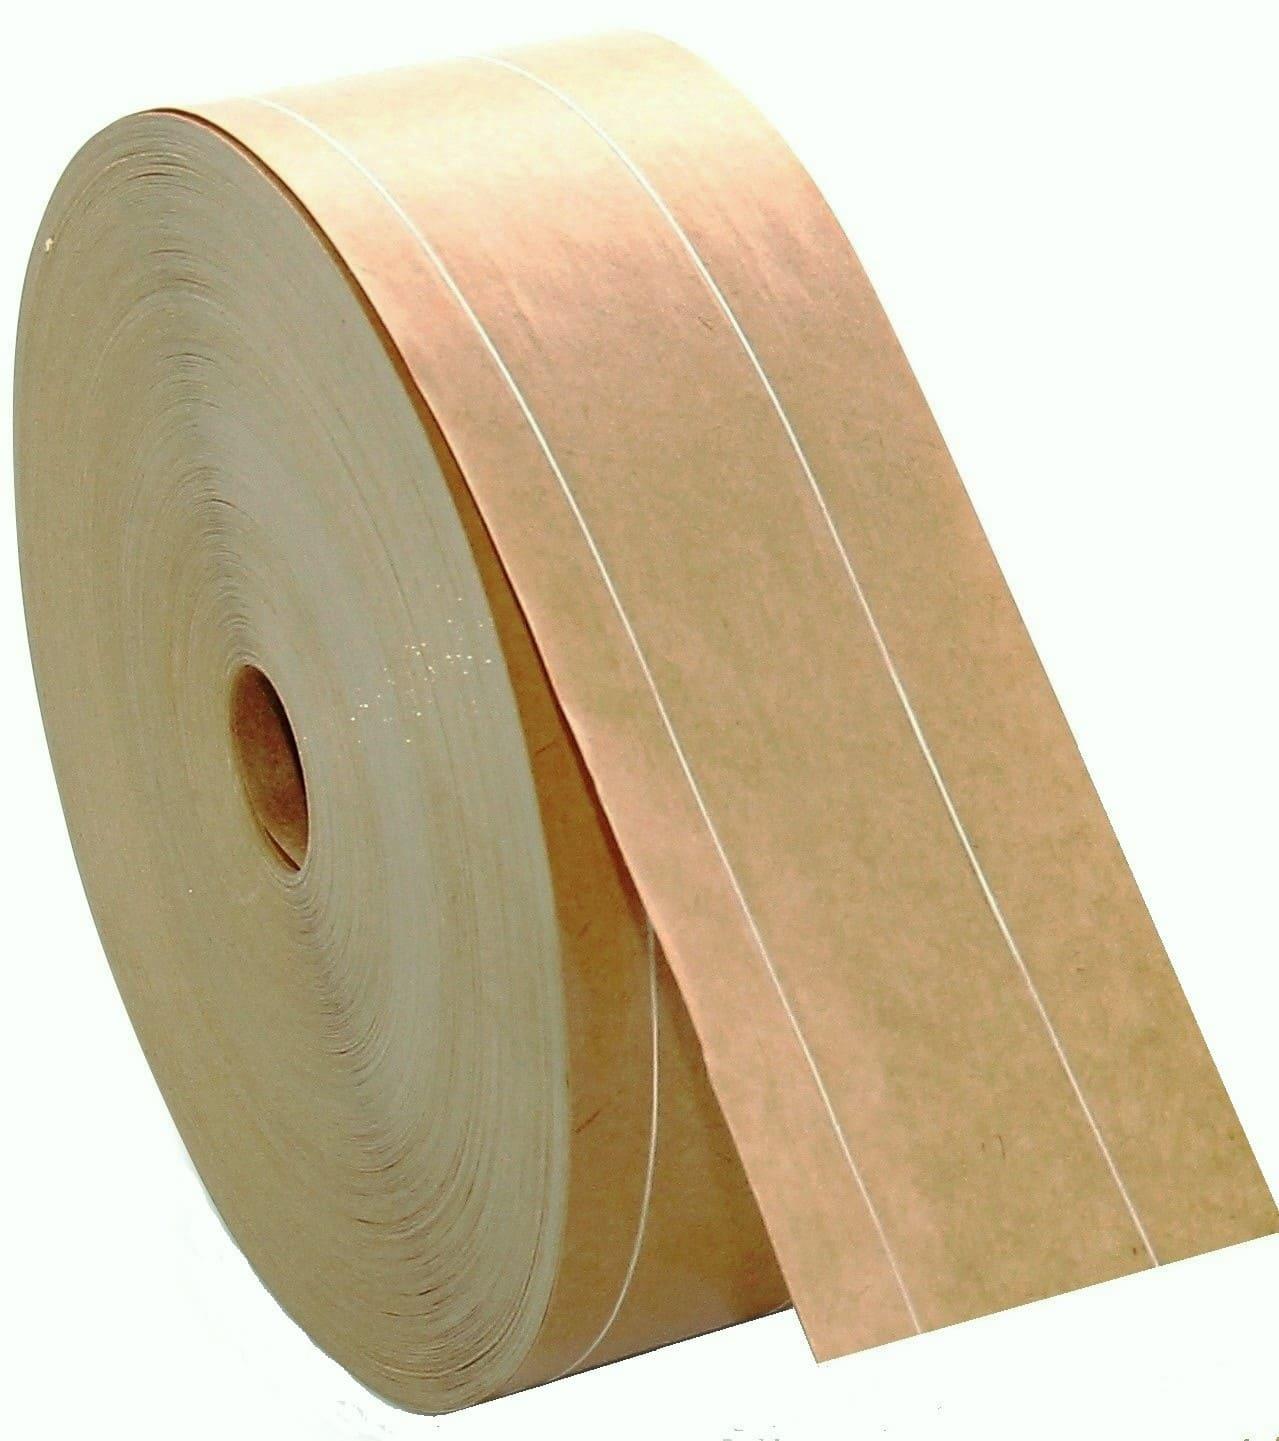 Papieren tape gegomd - 70mm x 150m - 115g/m2 - versterkt